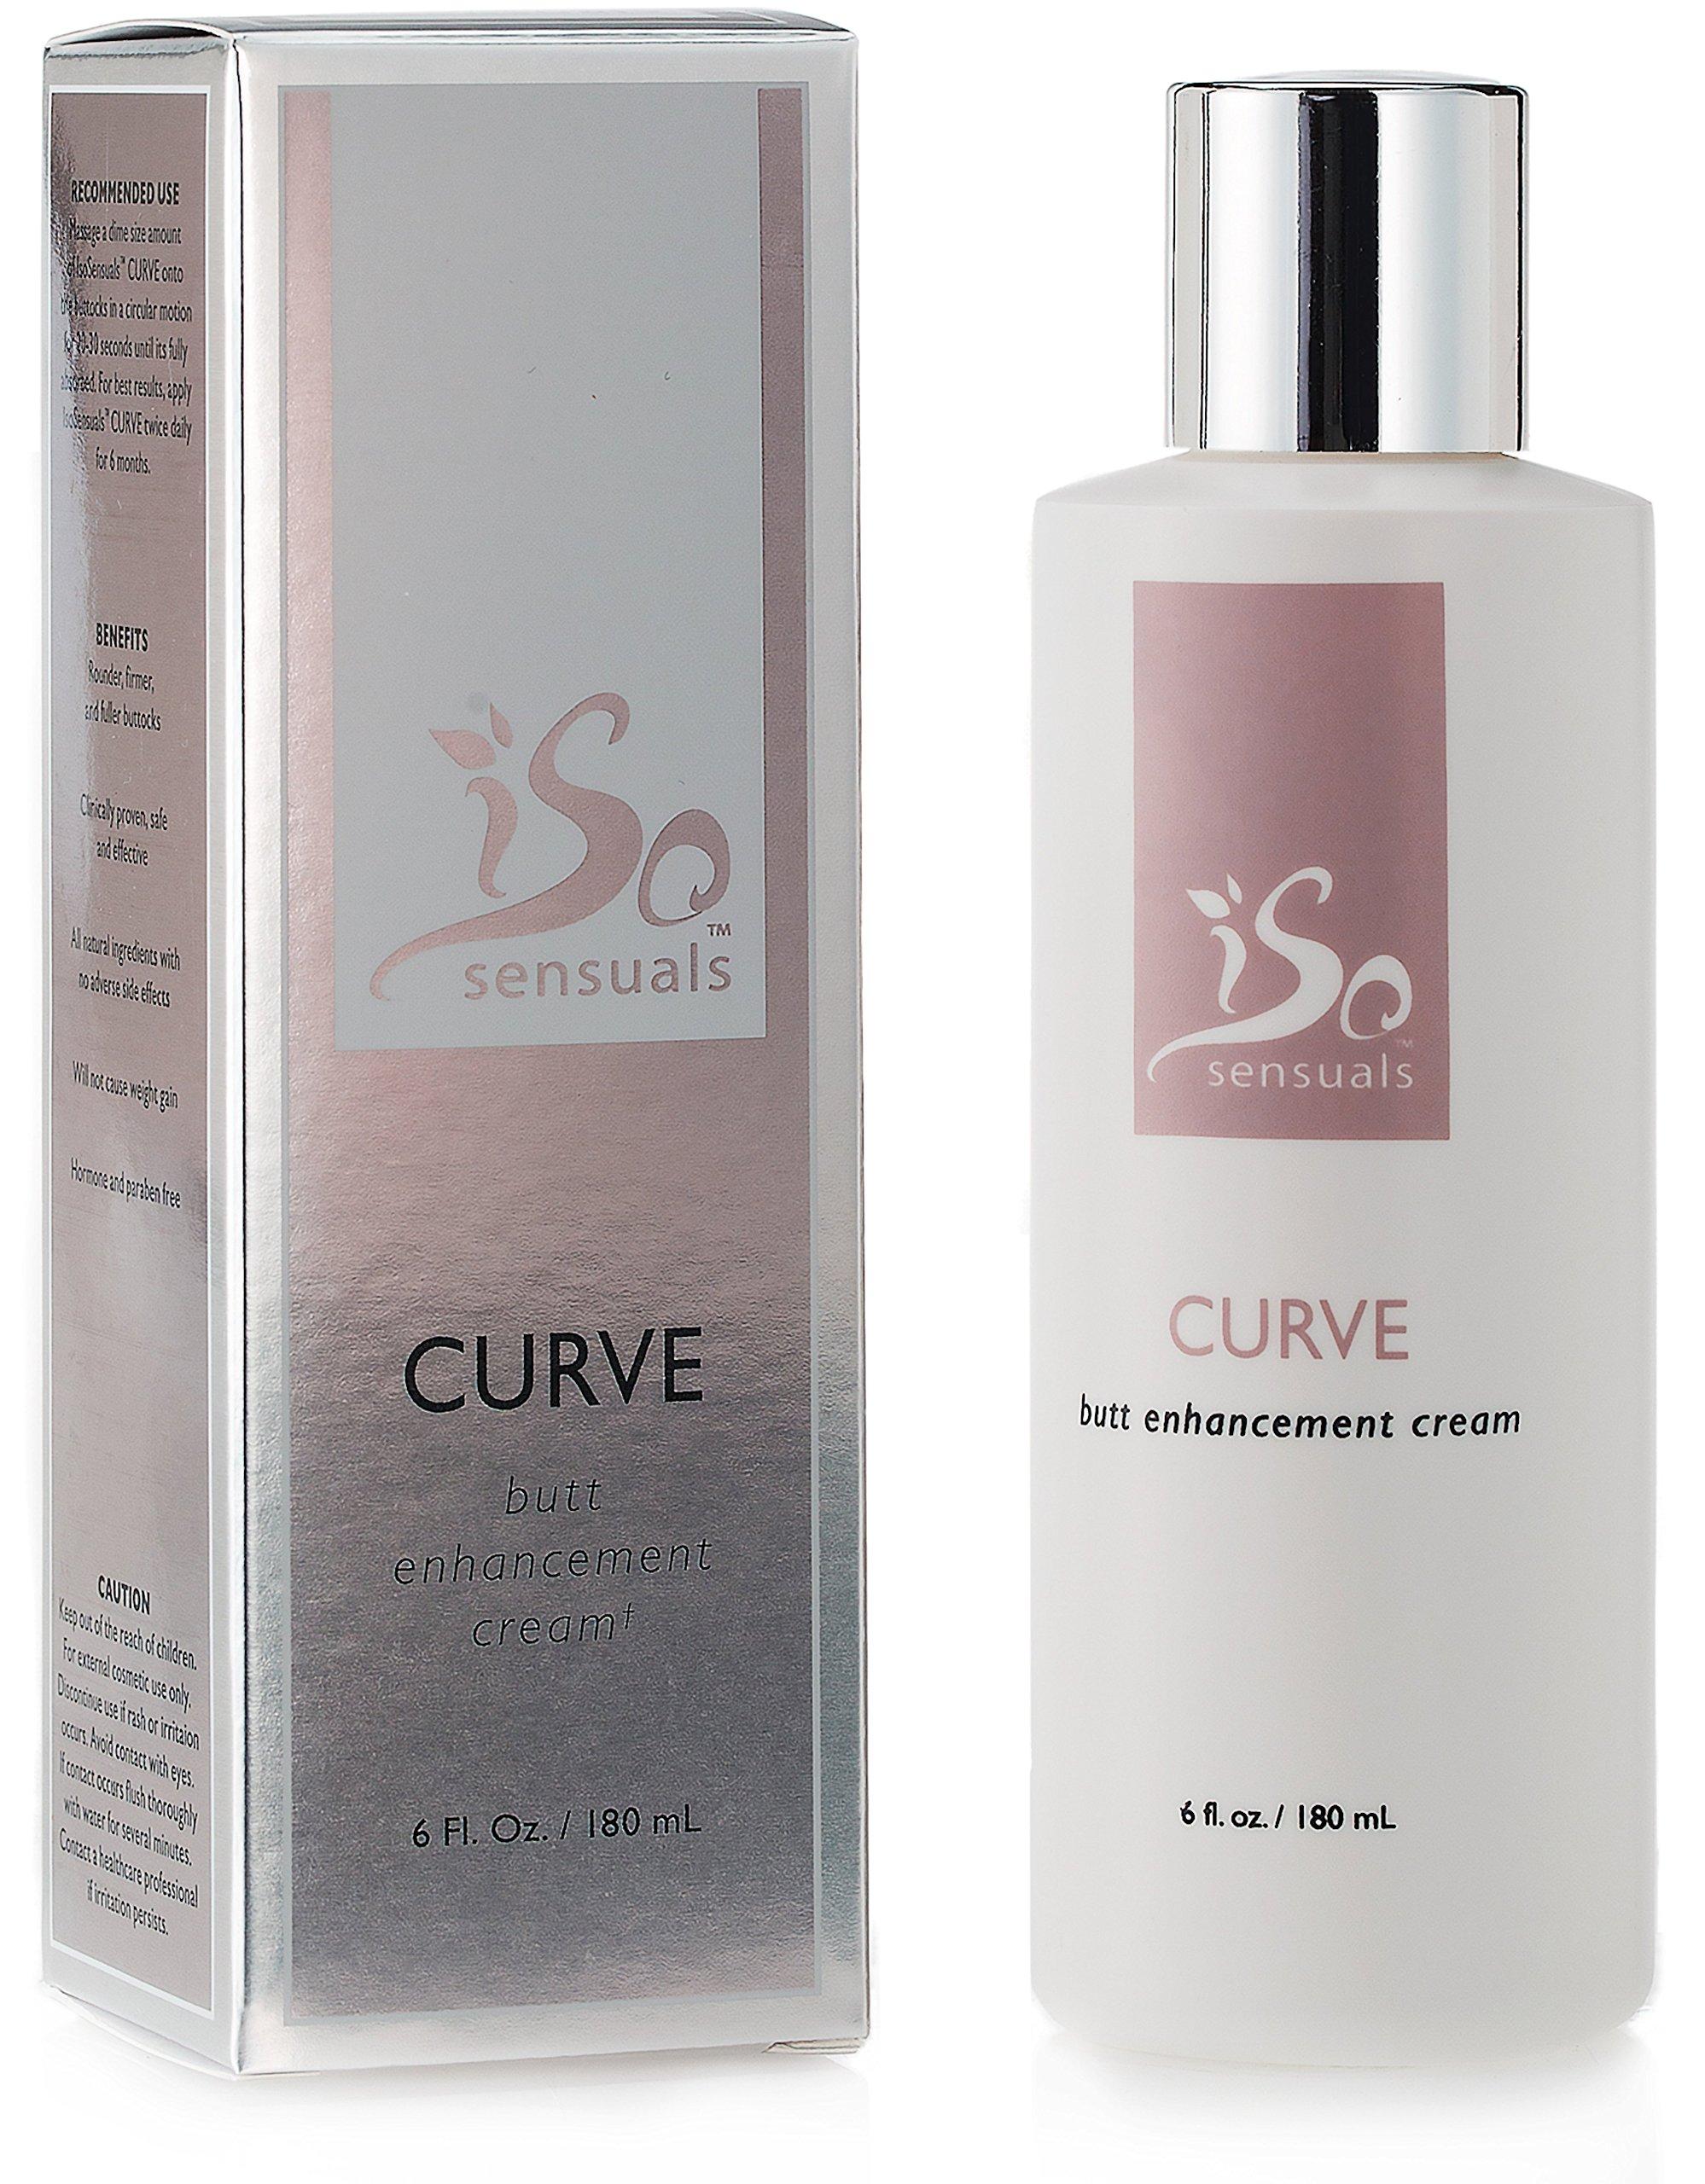 IsoSensuals CURVE | Butt Enhancement Cream - 1 Bottle